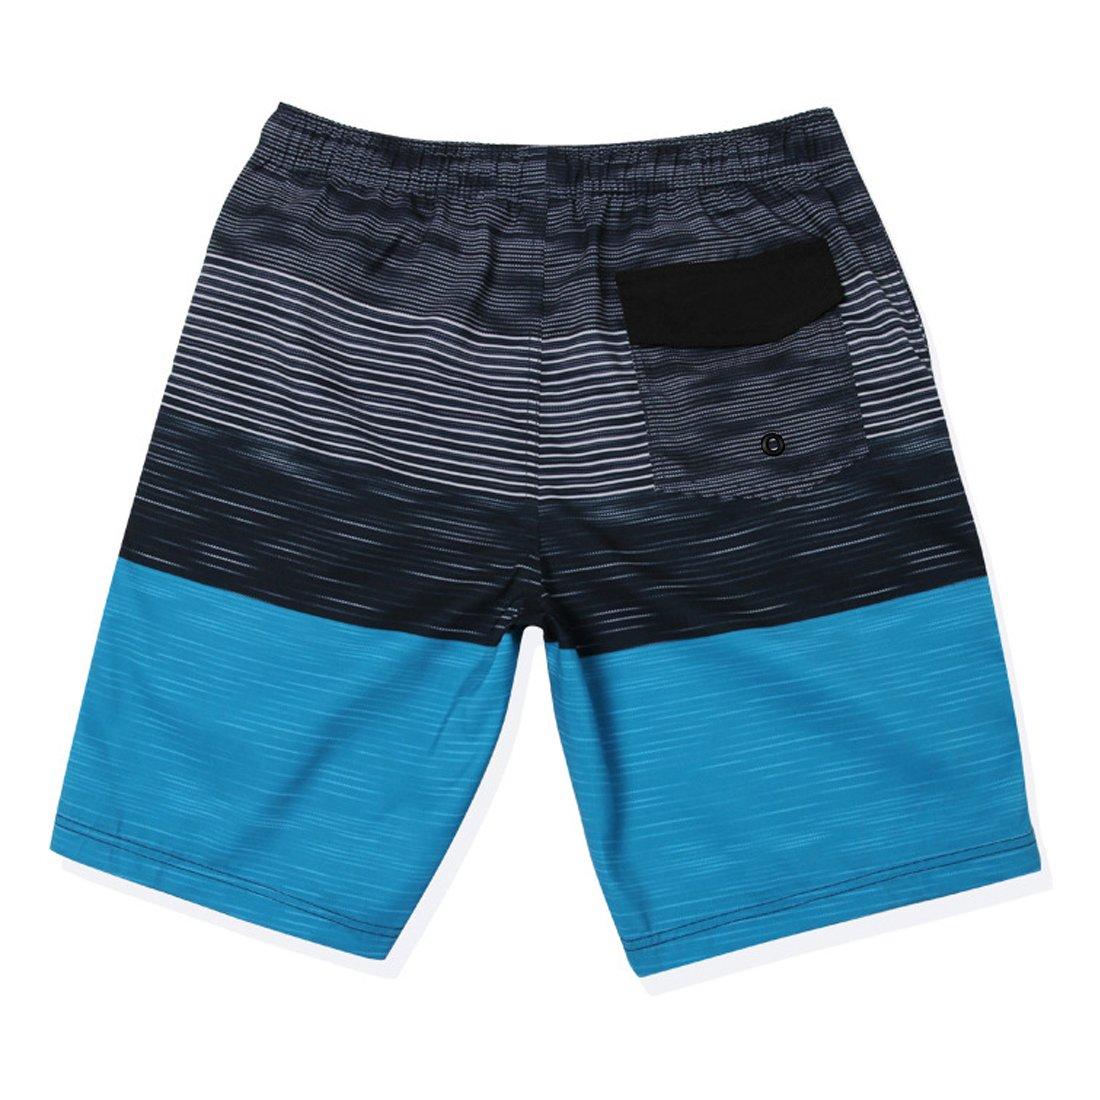 GWELL Herren Streifen Wasserdicht Badeshorts Beachshorts Boardshorts Badehose Sommer Strand blau